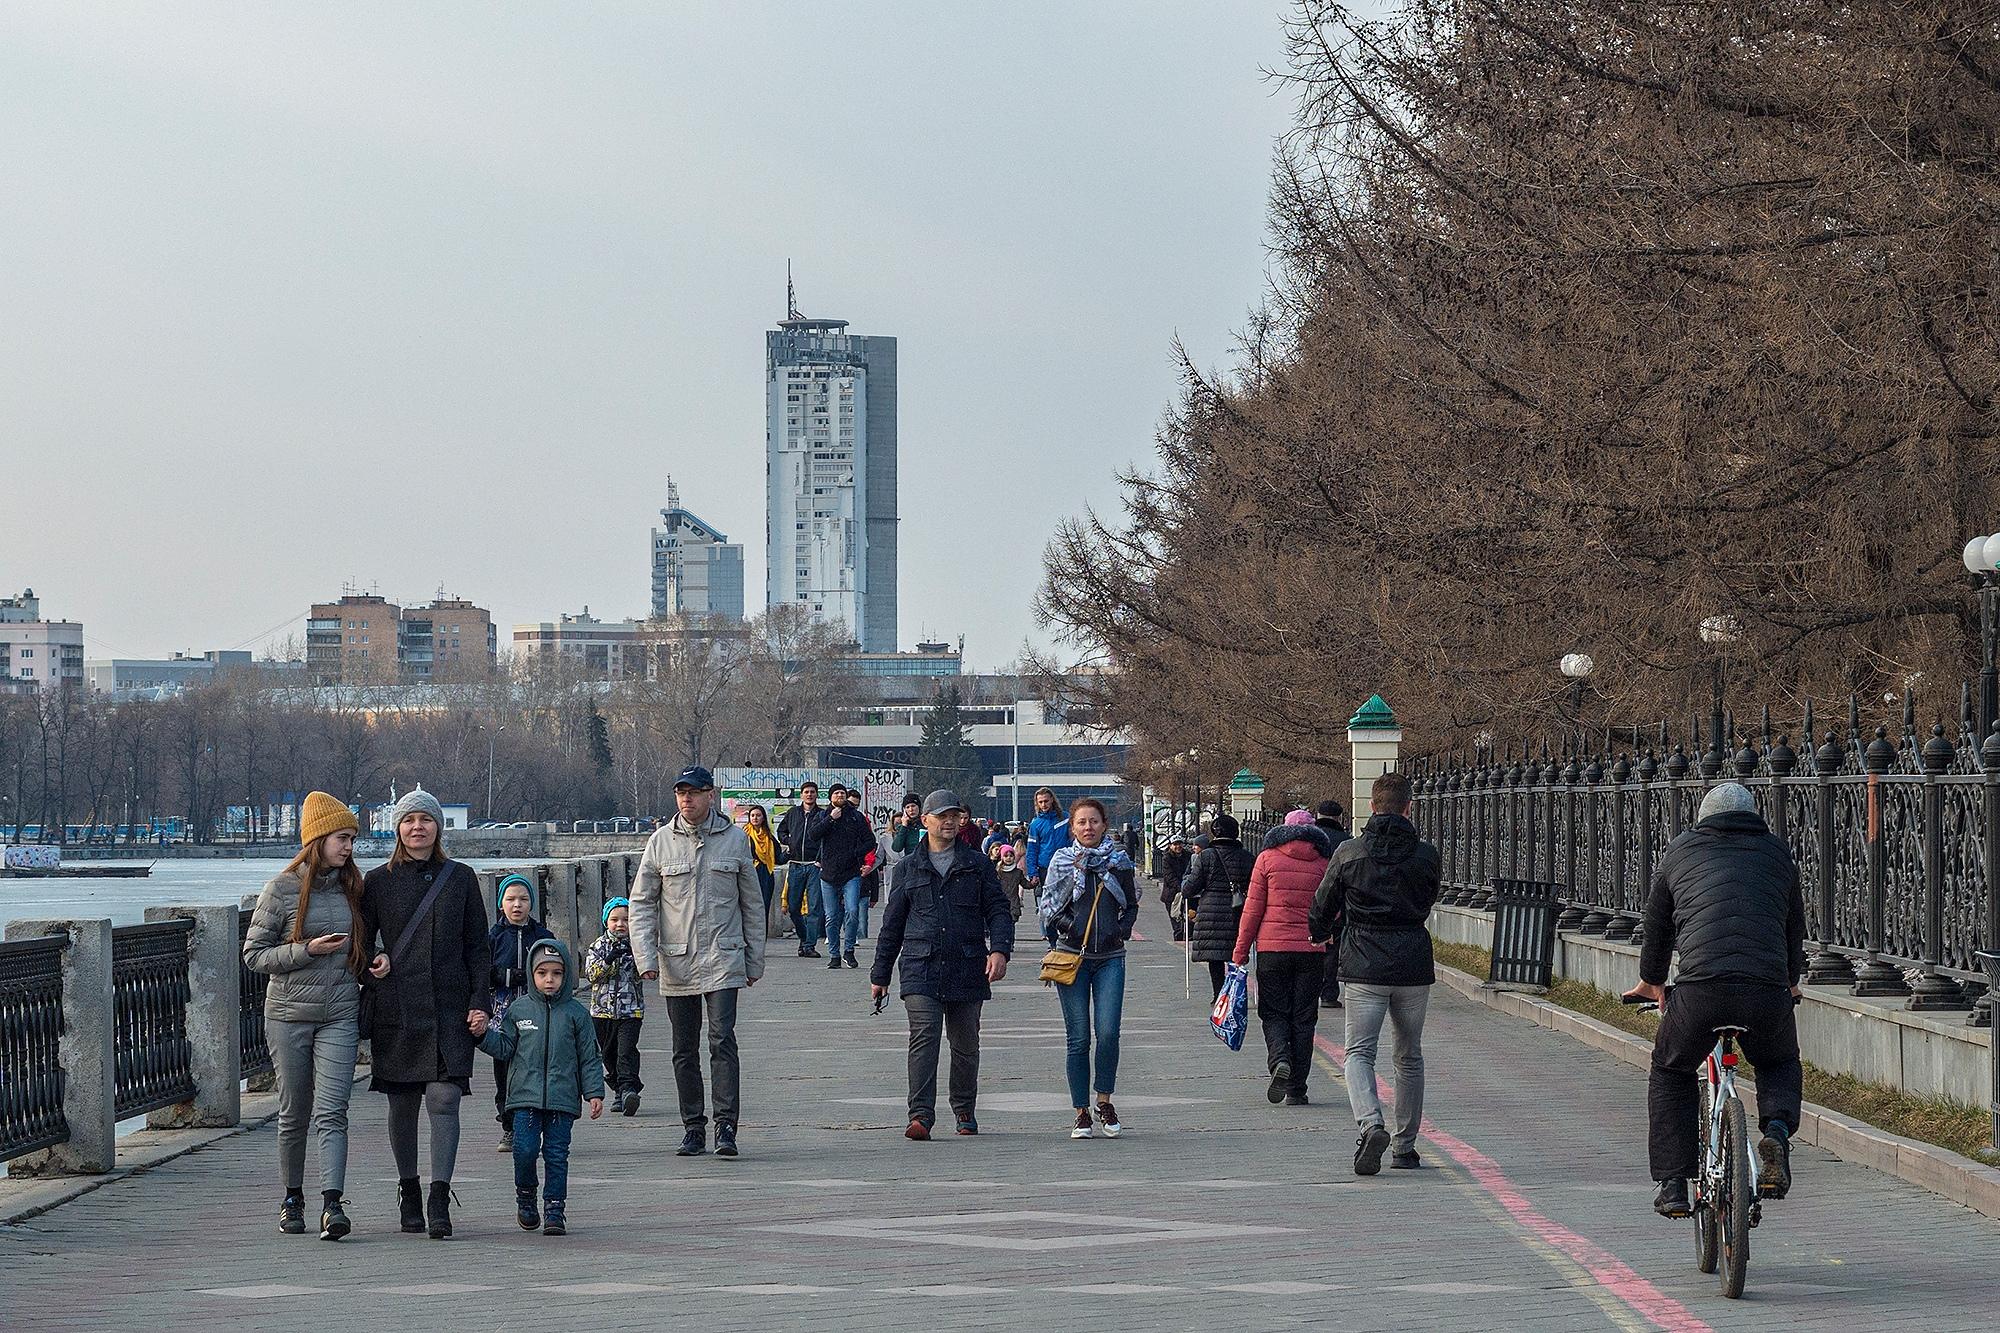 """Так выглядит наш город на самоизоляции. Колонку екатеринбургского фотографа об этом <a href=""""https://www.e1.ru/news/spool/news_id-69072688.html"""" target=""""_blank"""" class=""""_"""">читайте здесь</a>"""